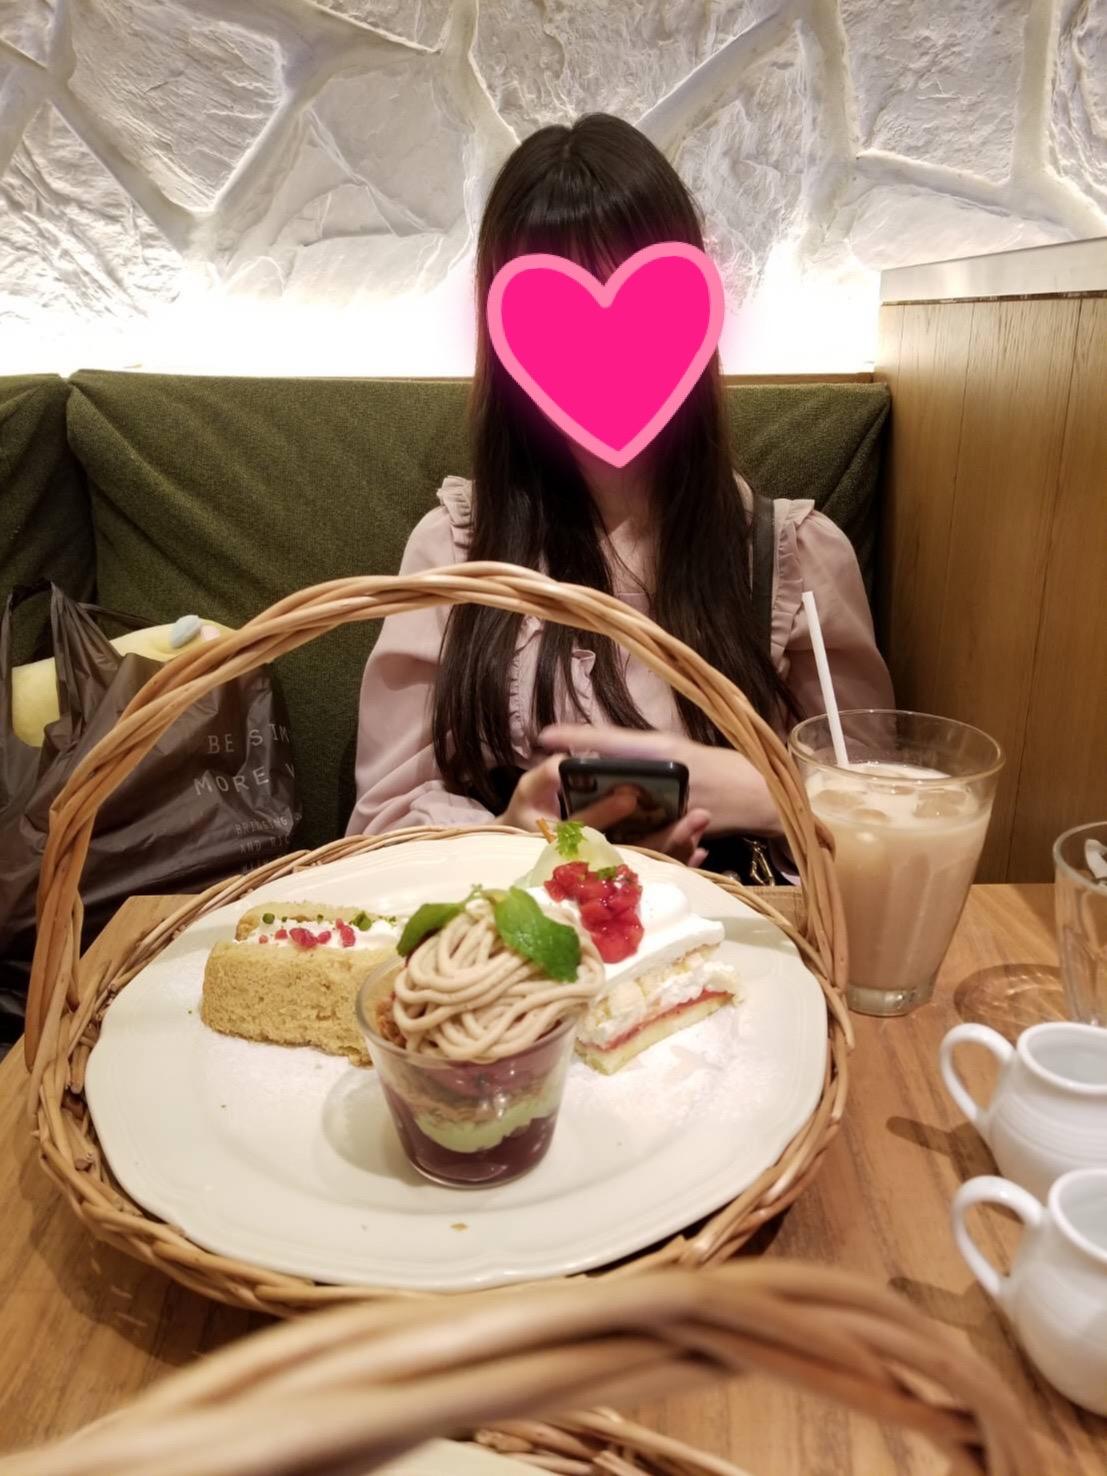 娘と一緒にアフタヌーンティーでケーキを食べる様子